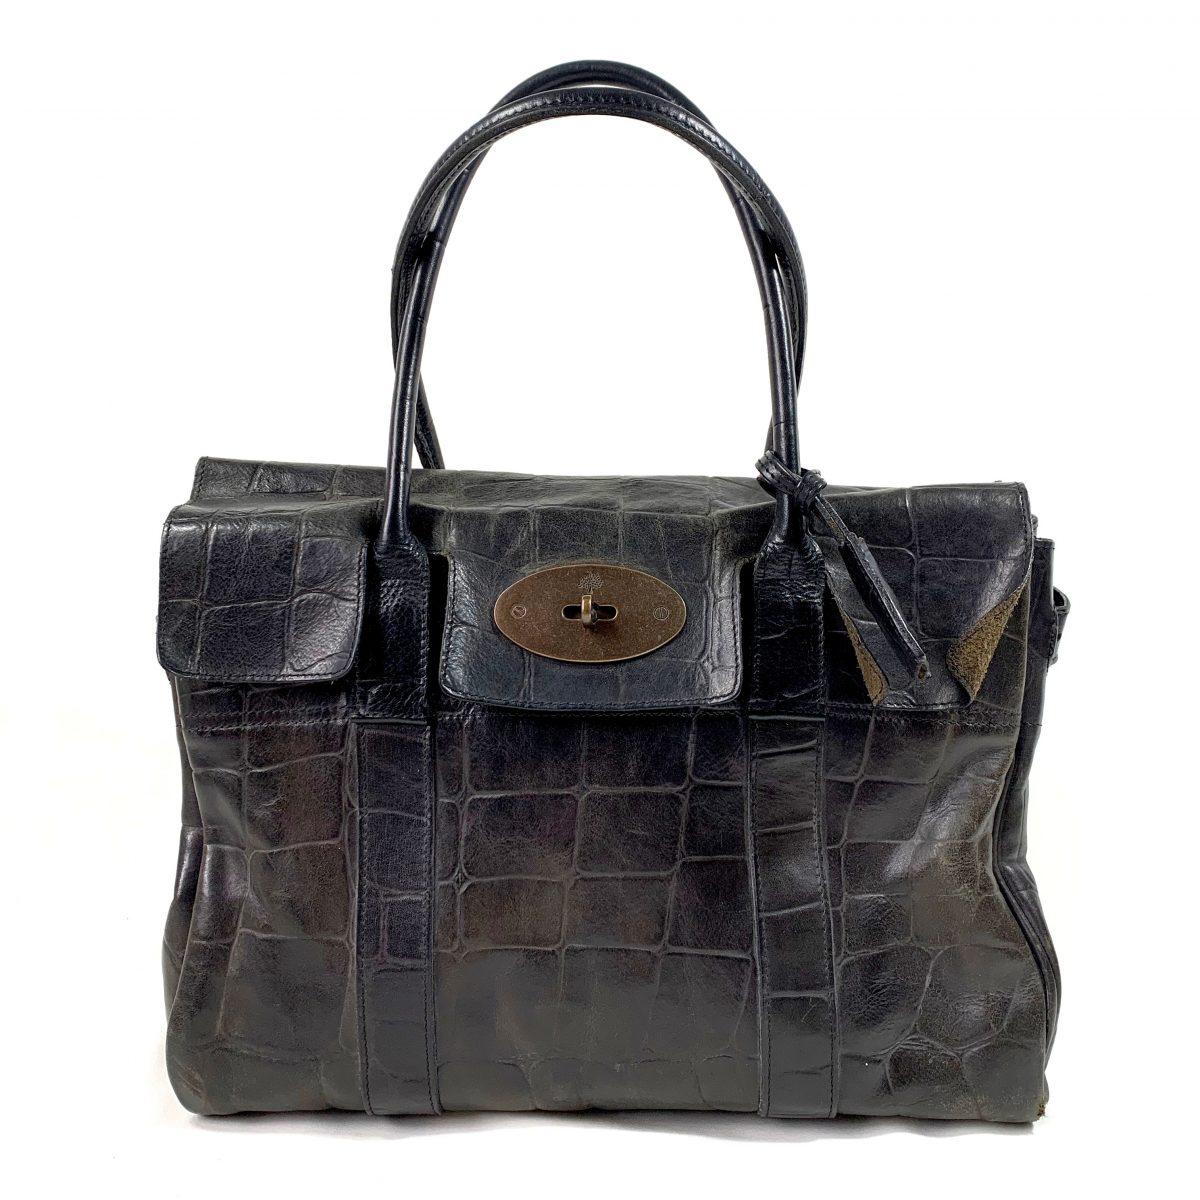 Mulberry designer bag vintage Bayswater shoulder tote